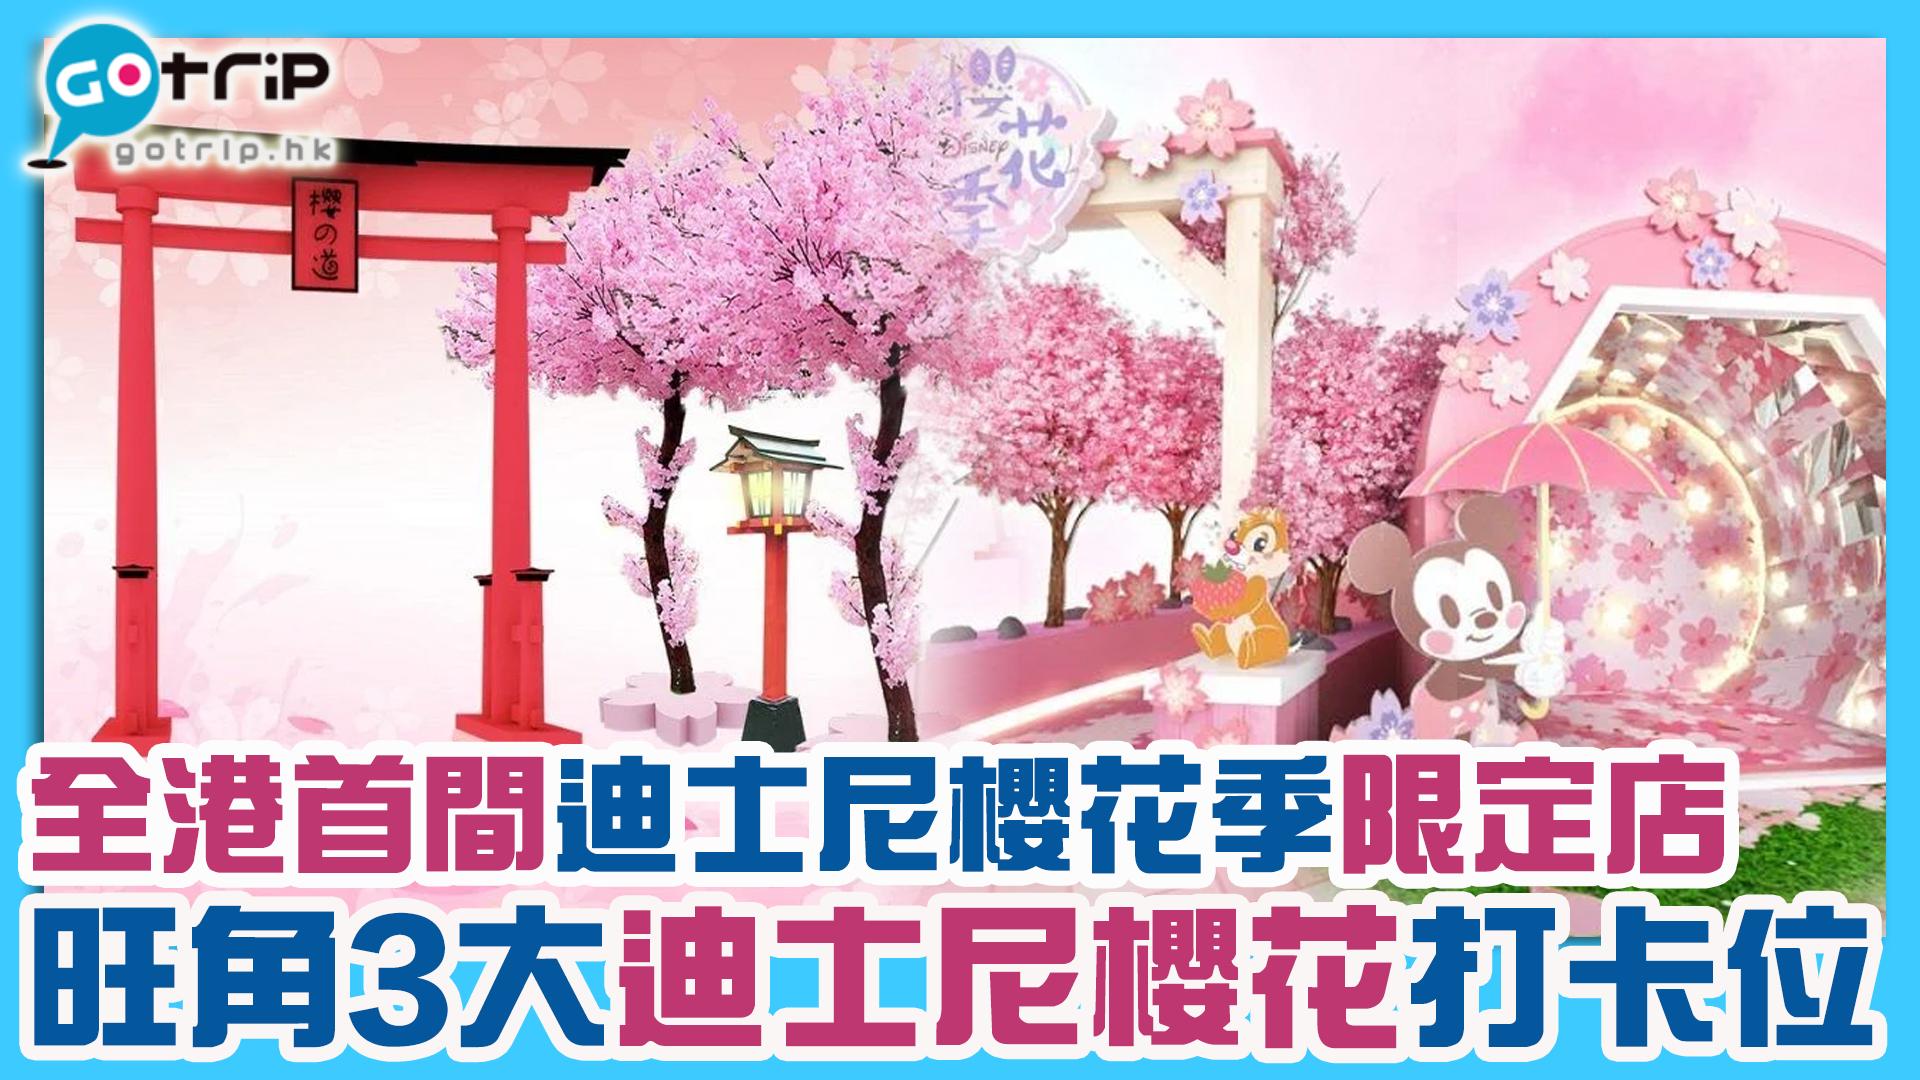 旺角3大迪士尼櫻花打卡位+全港首間迪士尼櫻花季期間限定店